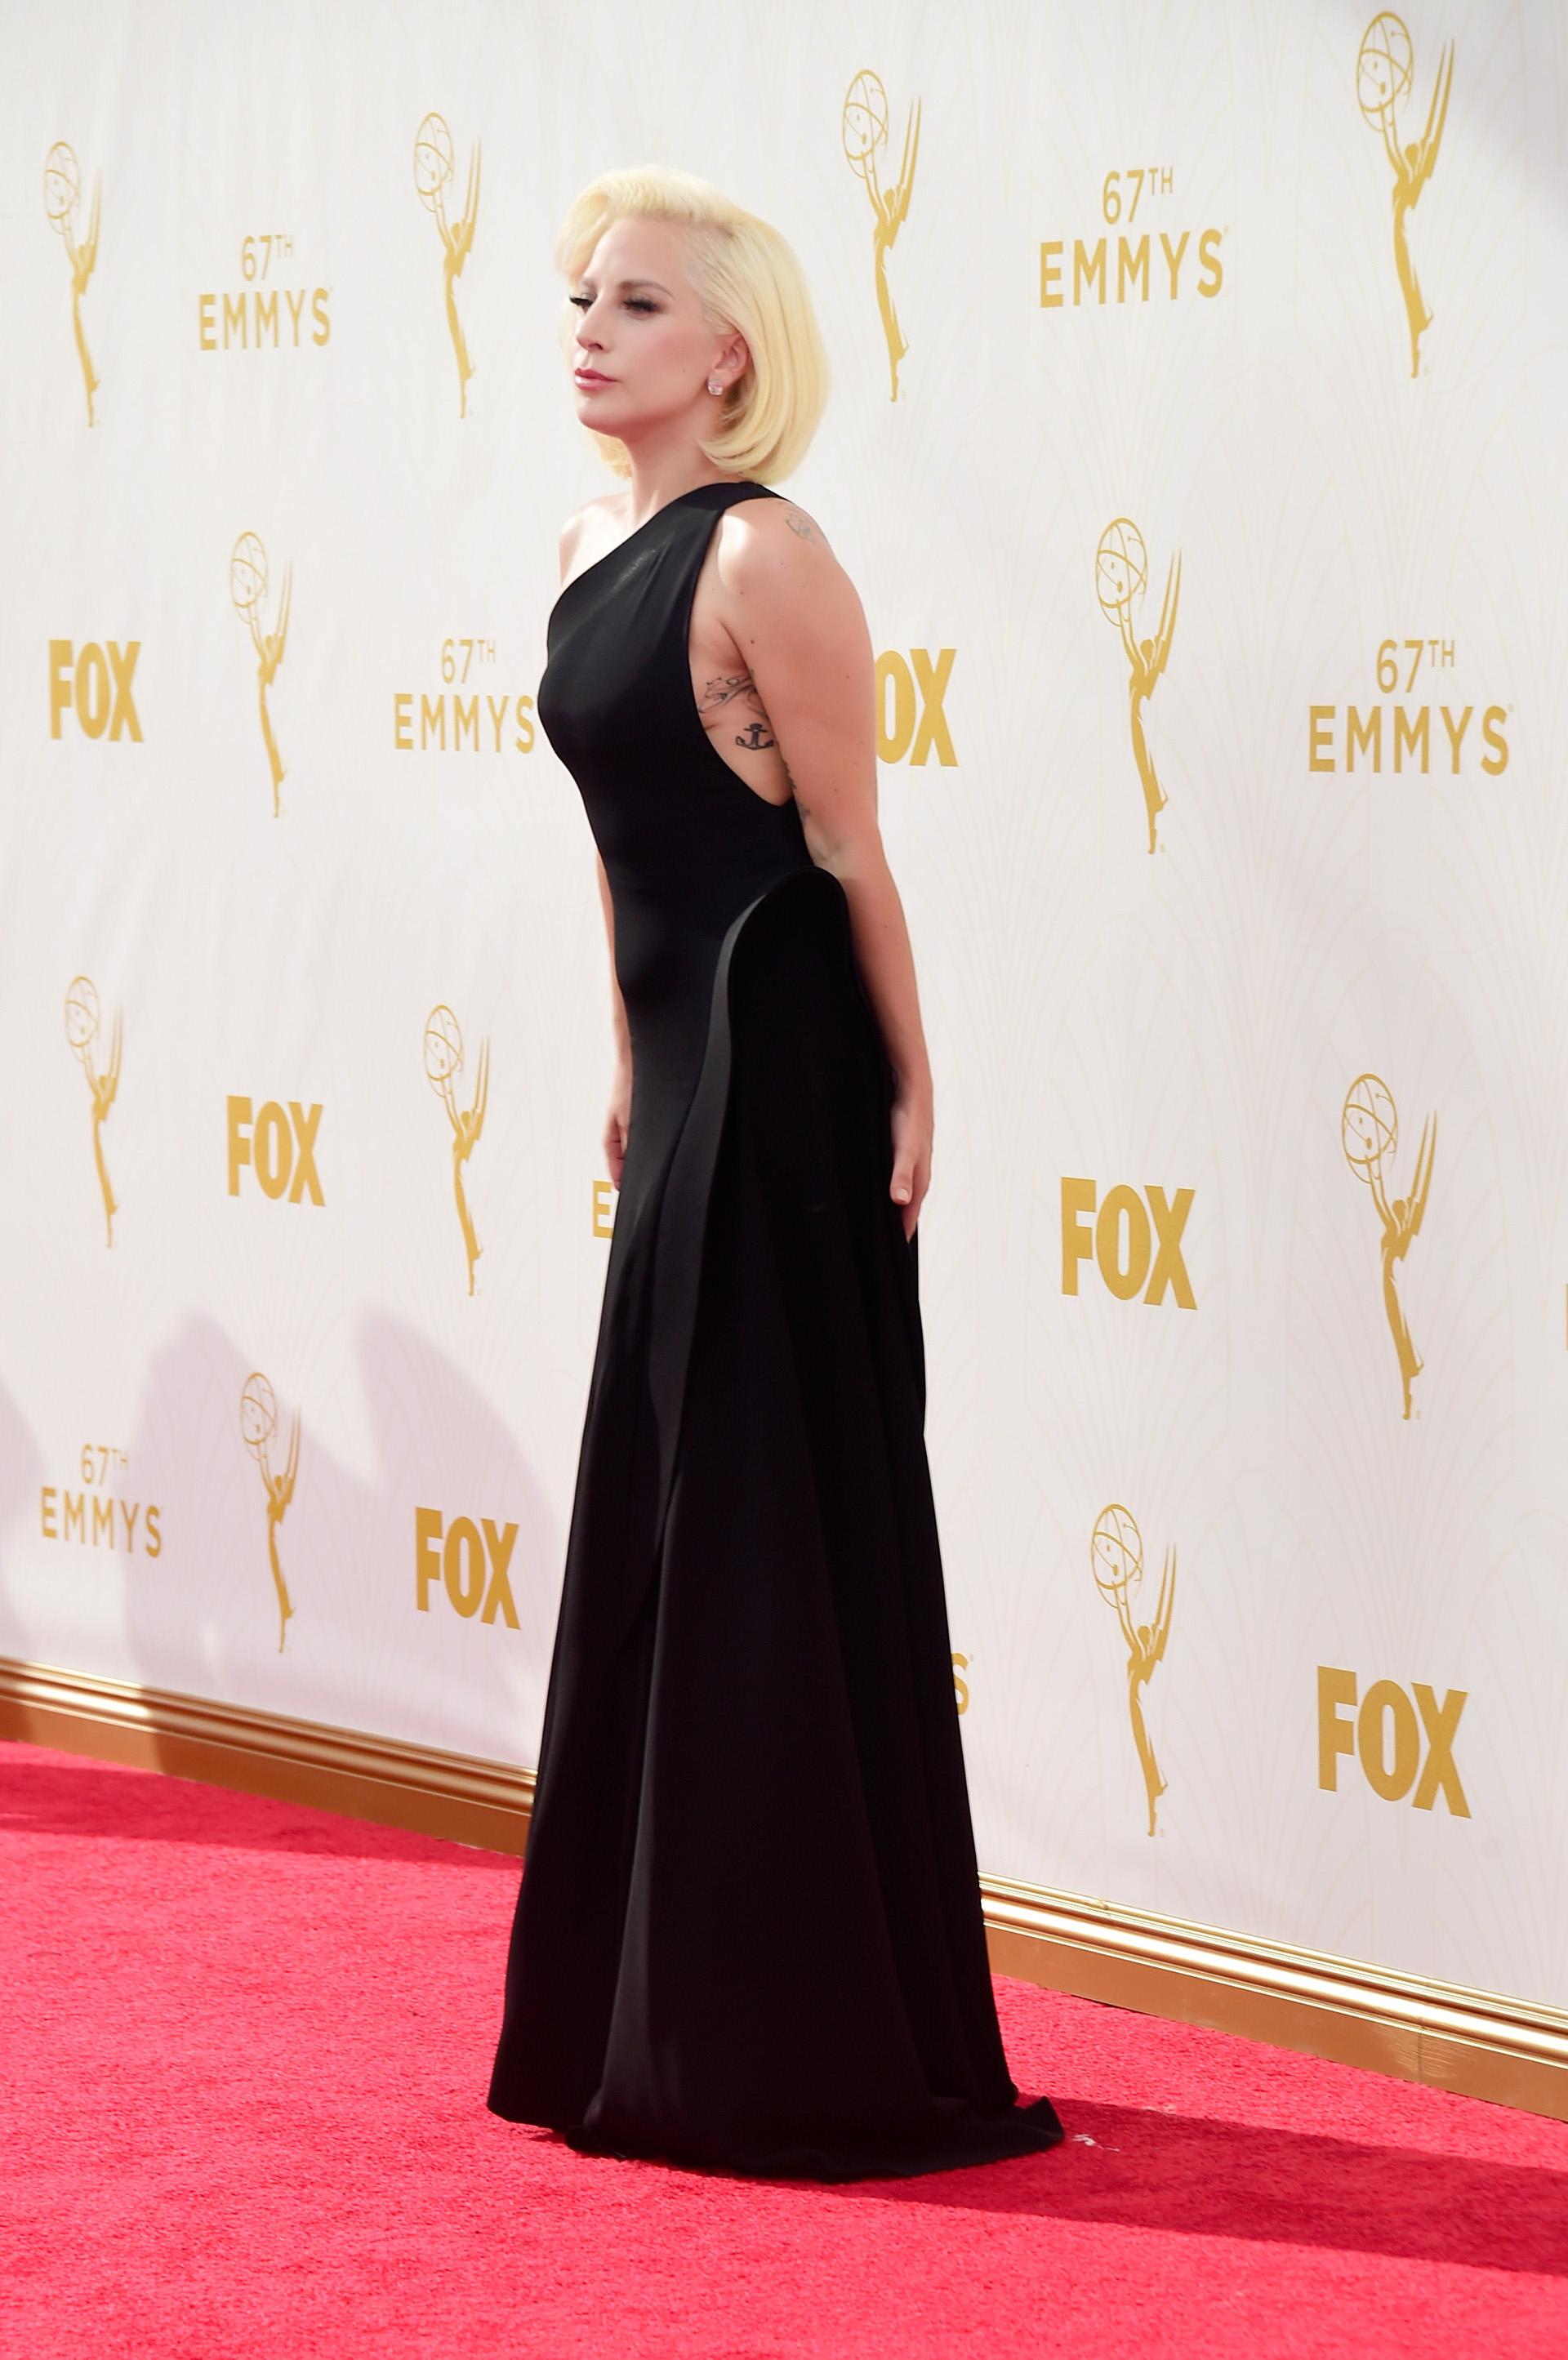 En 2015, la camaleónica Lady Gaga se llevó todas las miradas con un vestido discreto negro. Una apuesta muy refinada que acompañó con una melena corta y platinada ( Frazer Harrison/Getty Images)